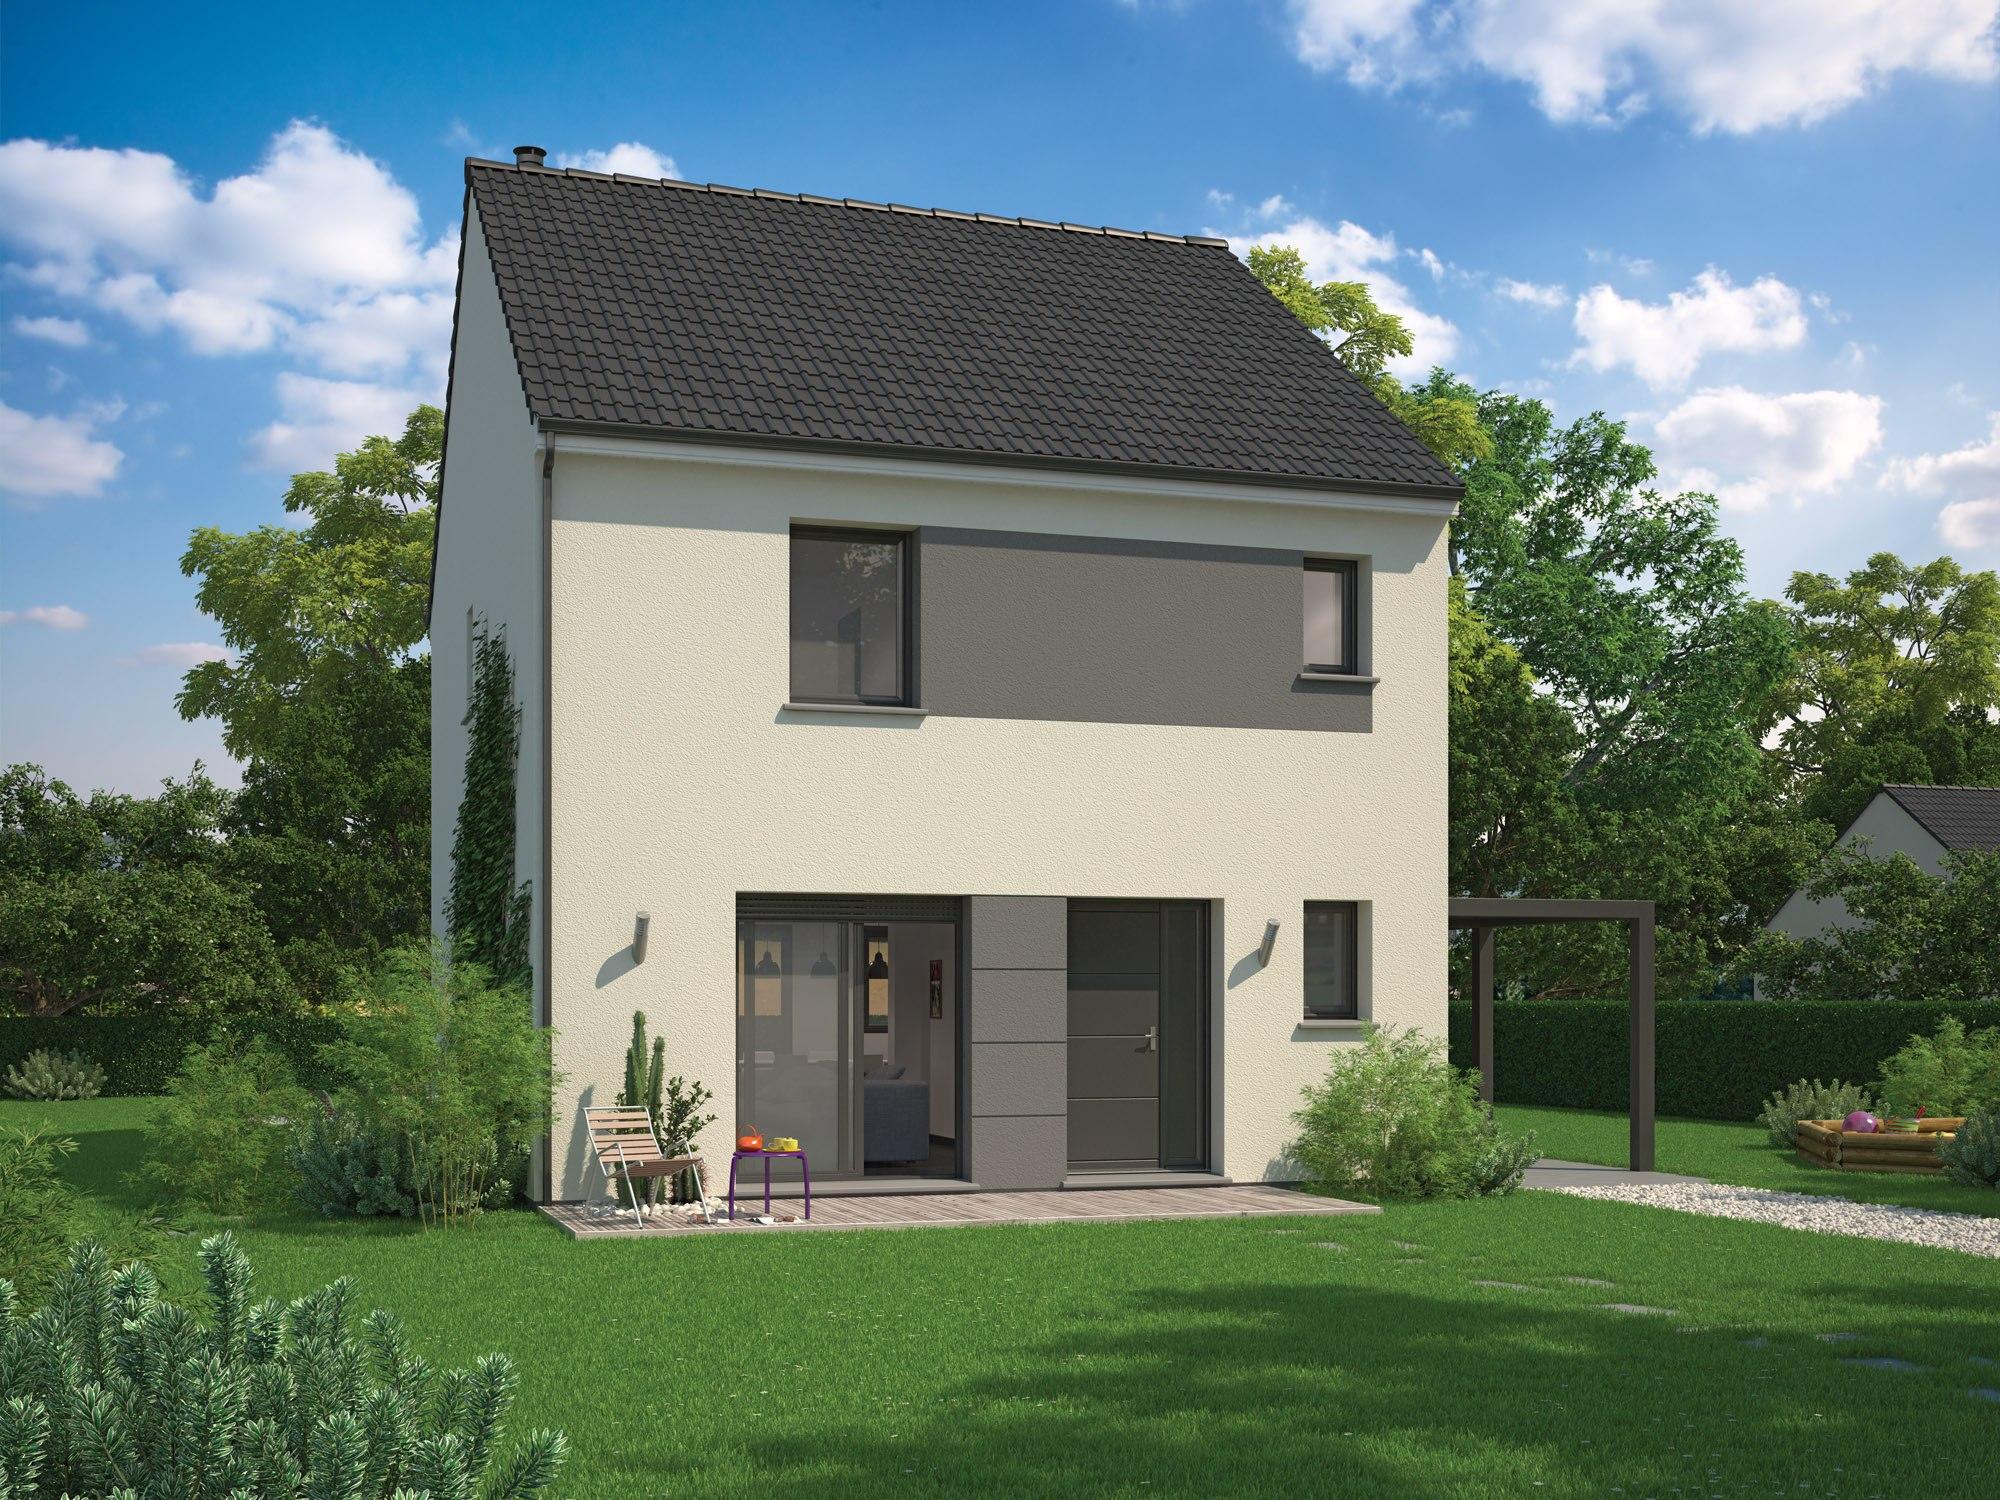 Maisons + Terrains du constructeur MAISON FAMILIALE MAREUIL LES MEAUX • 102 m² • MAREUIL LES MEAUX